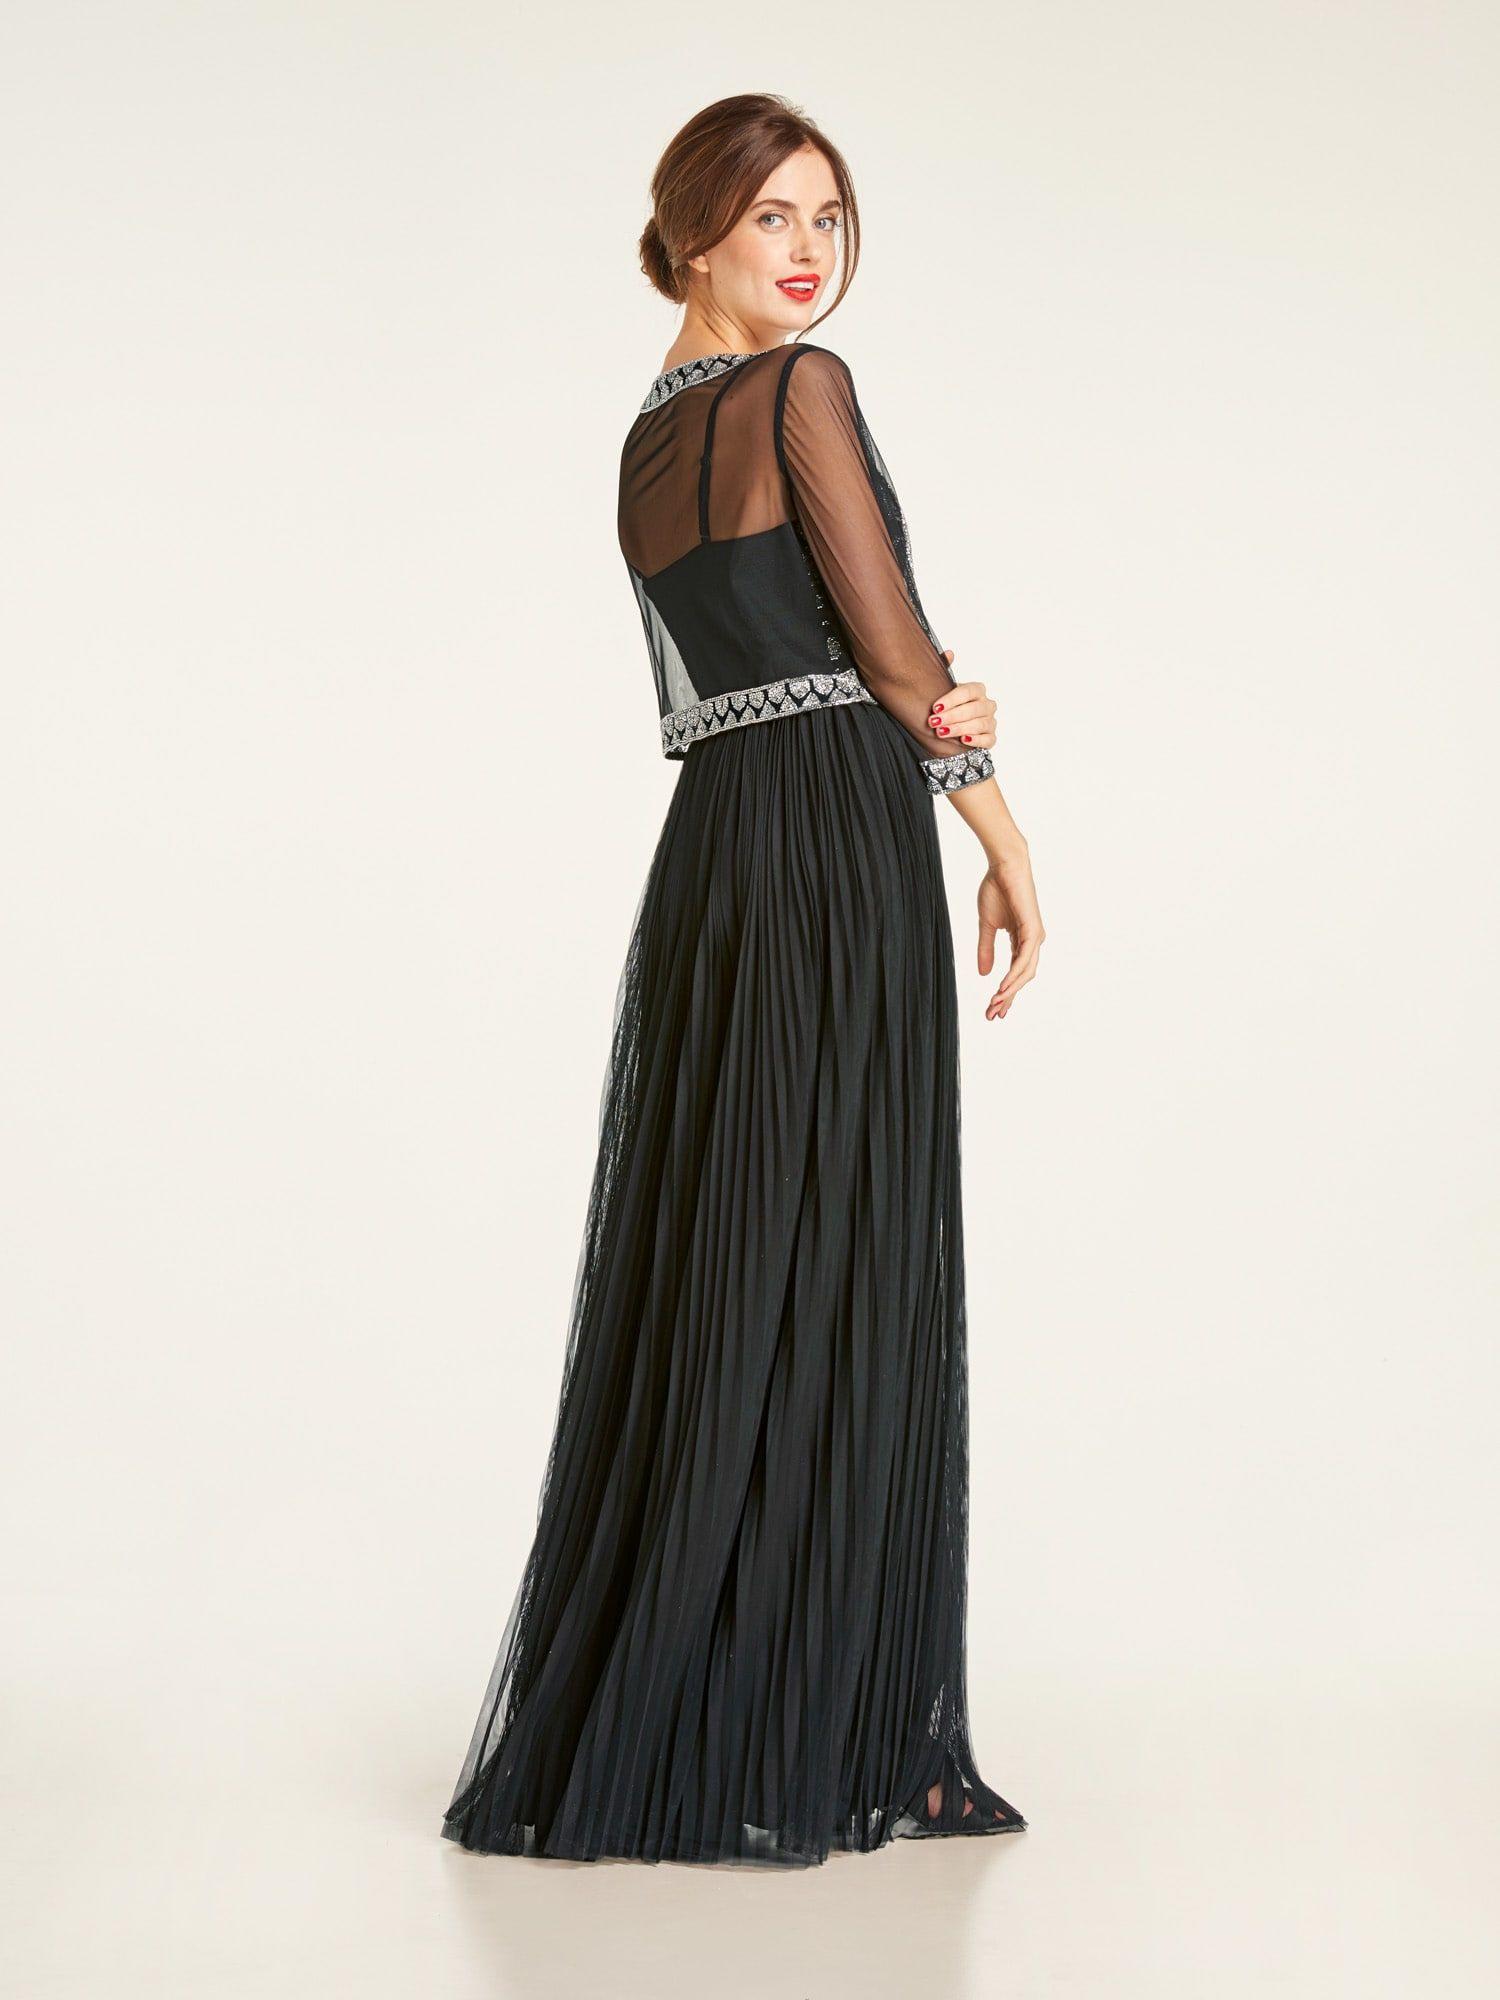 Ausgezeichnet Heine Abendkleid Lang Stylish - Abendkleid